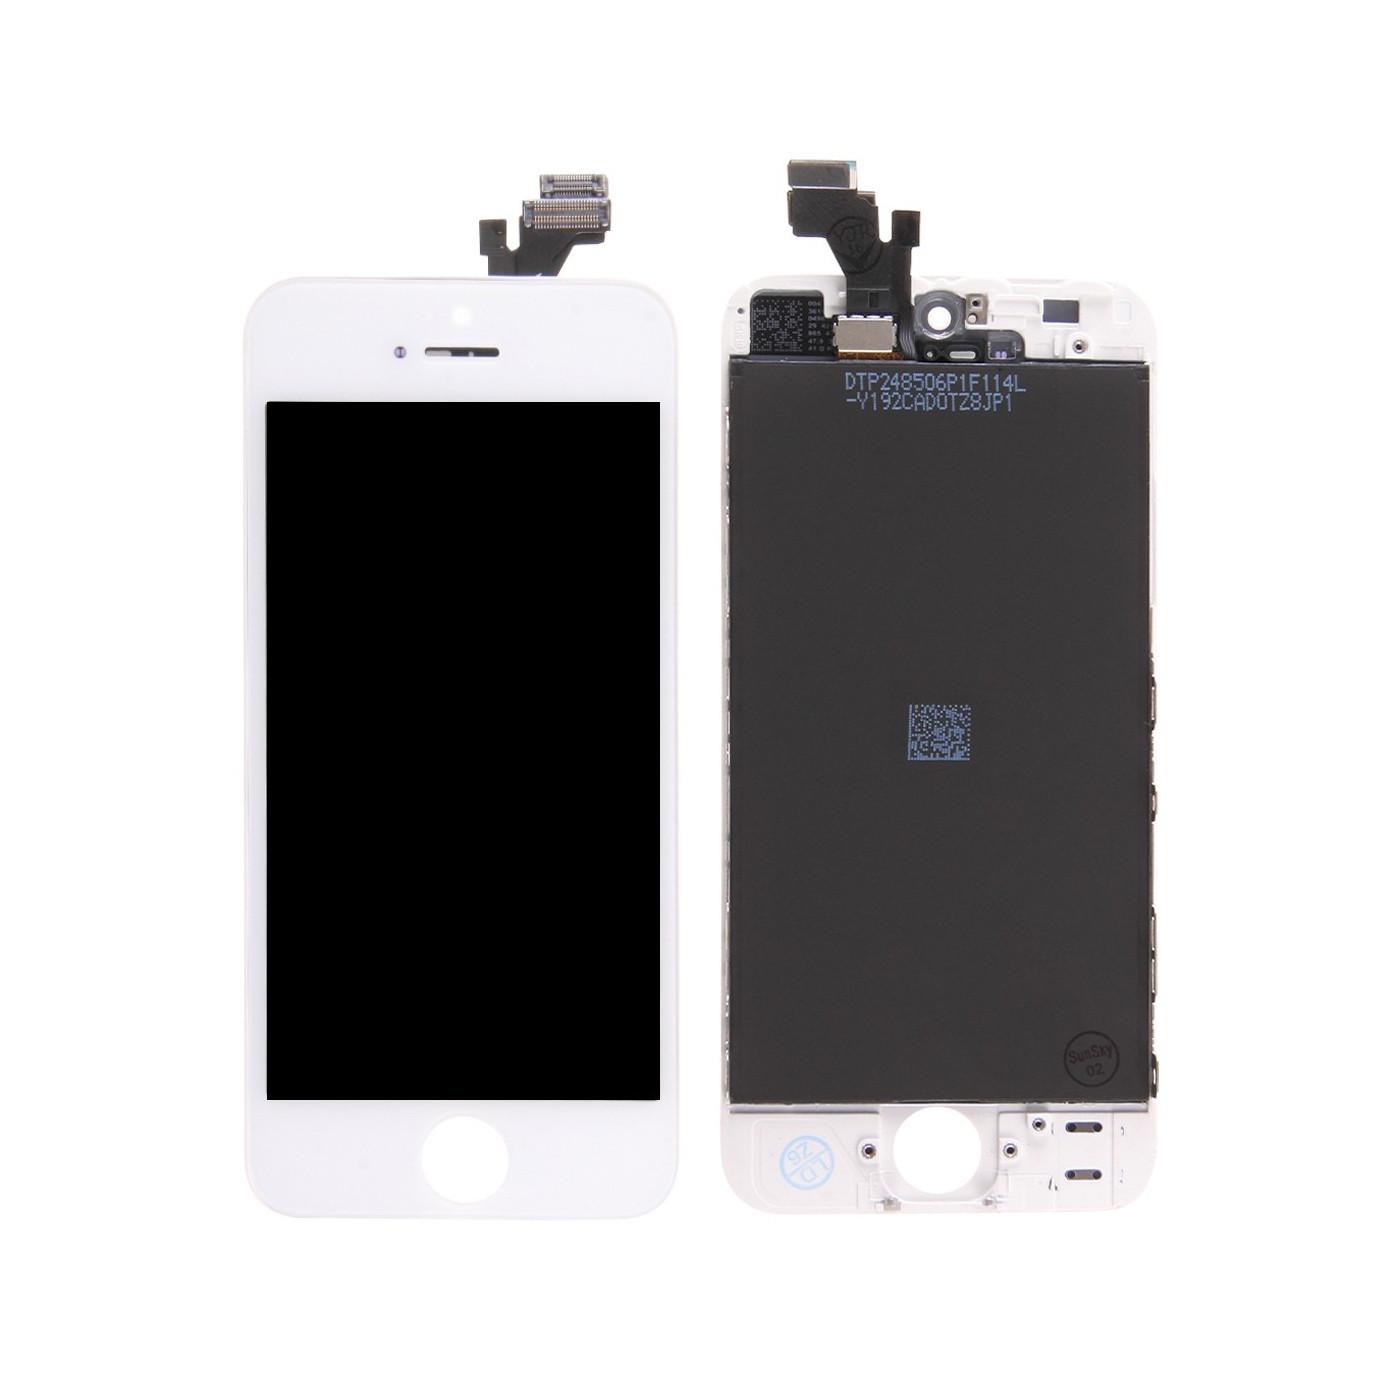 AFFICHEUR LCD TACTILE VERRE pour Apple iPhone 5 ECRAN ORIGINAL TIANMA BLANC